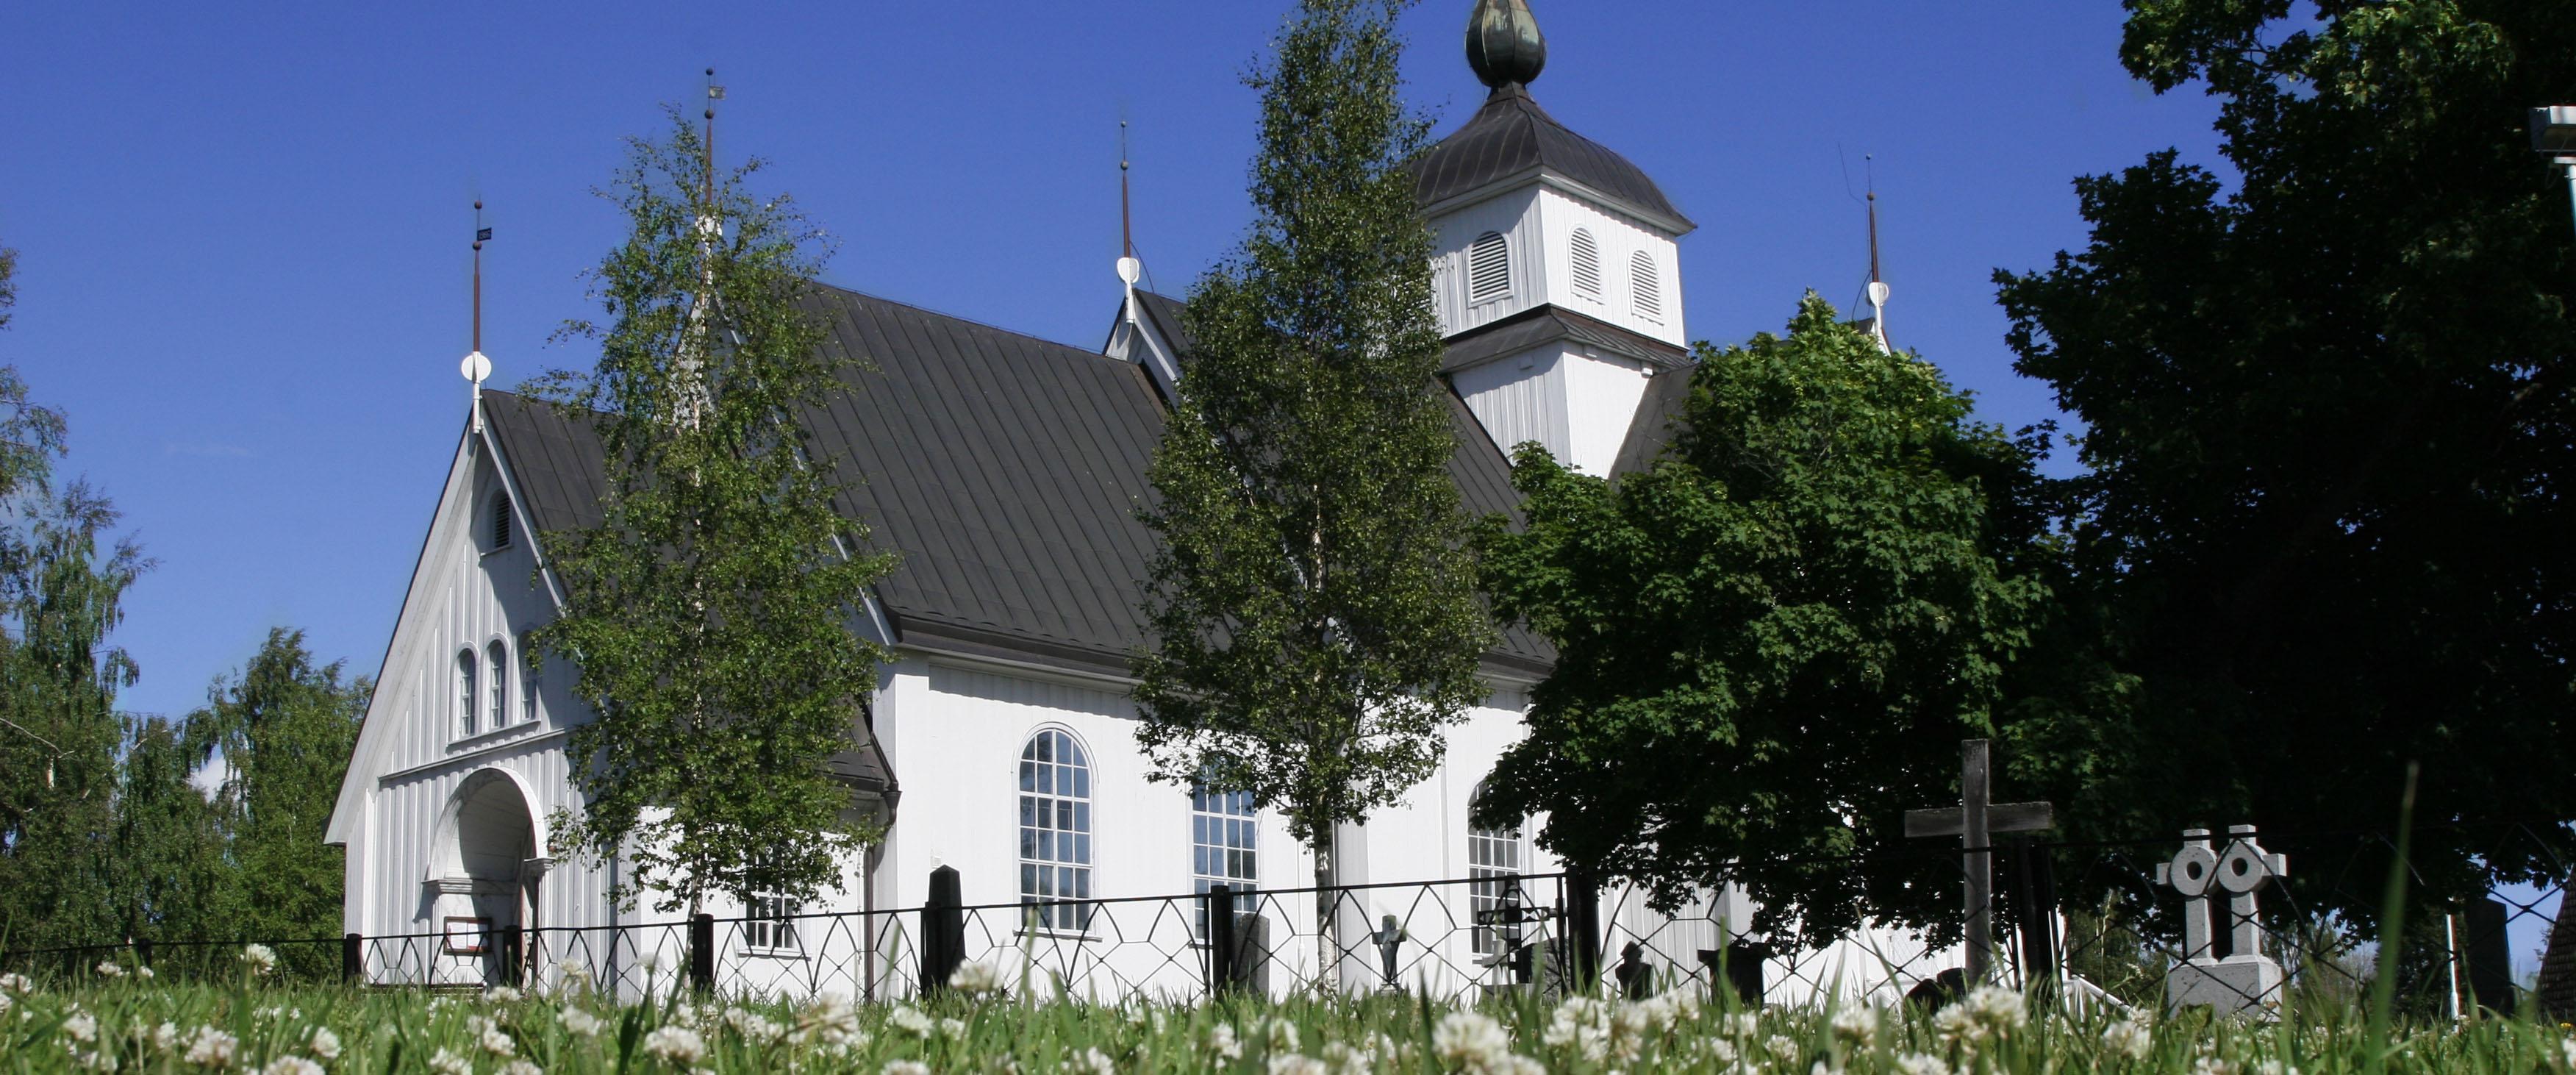 Piteå Stadskyrka ängsperspektiv